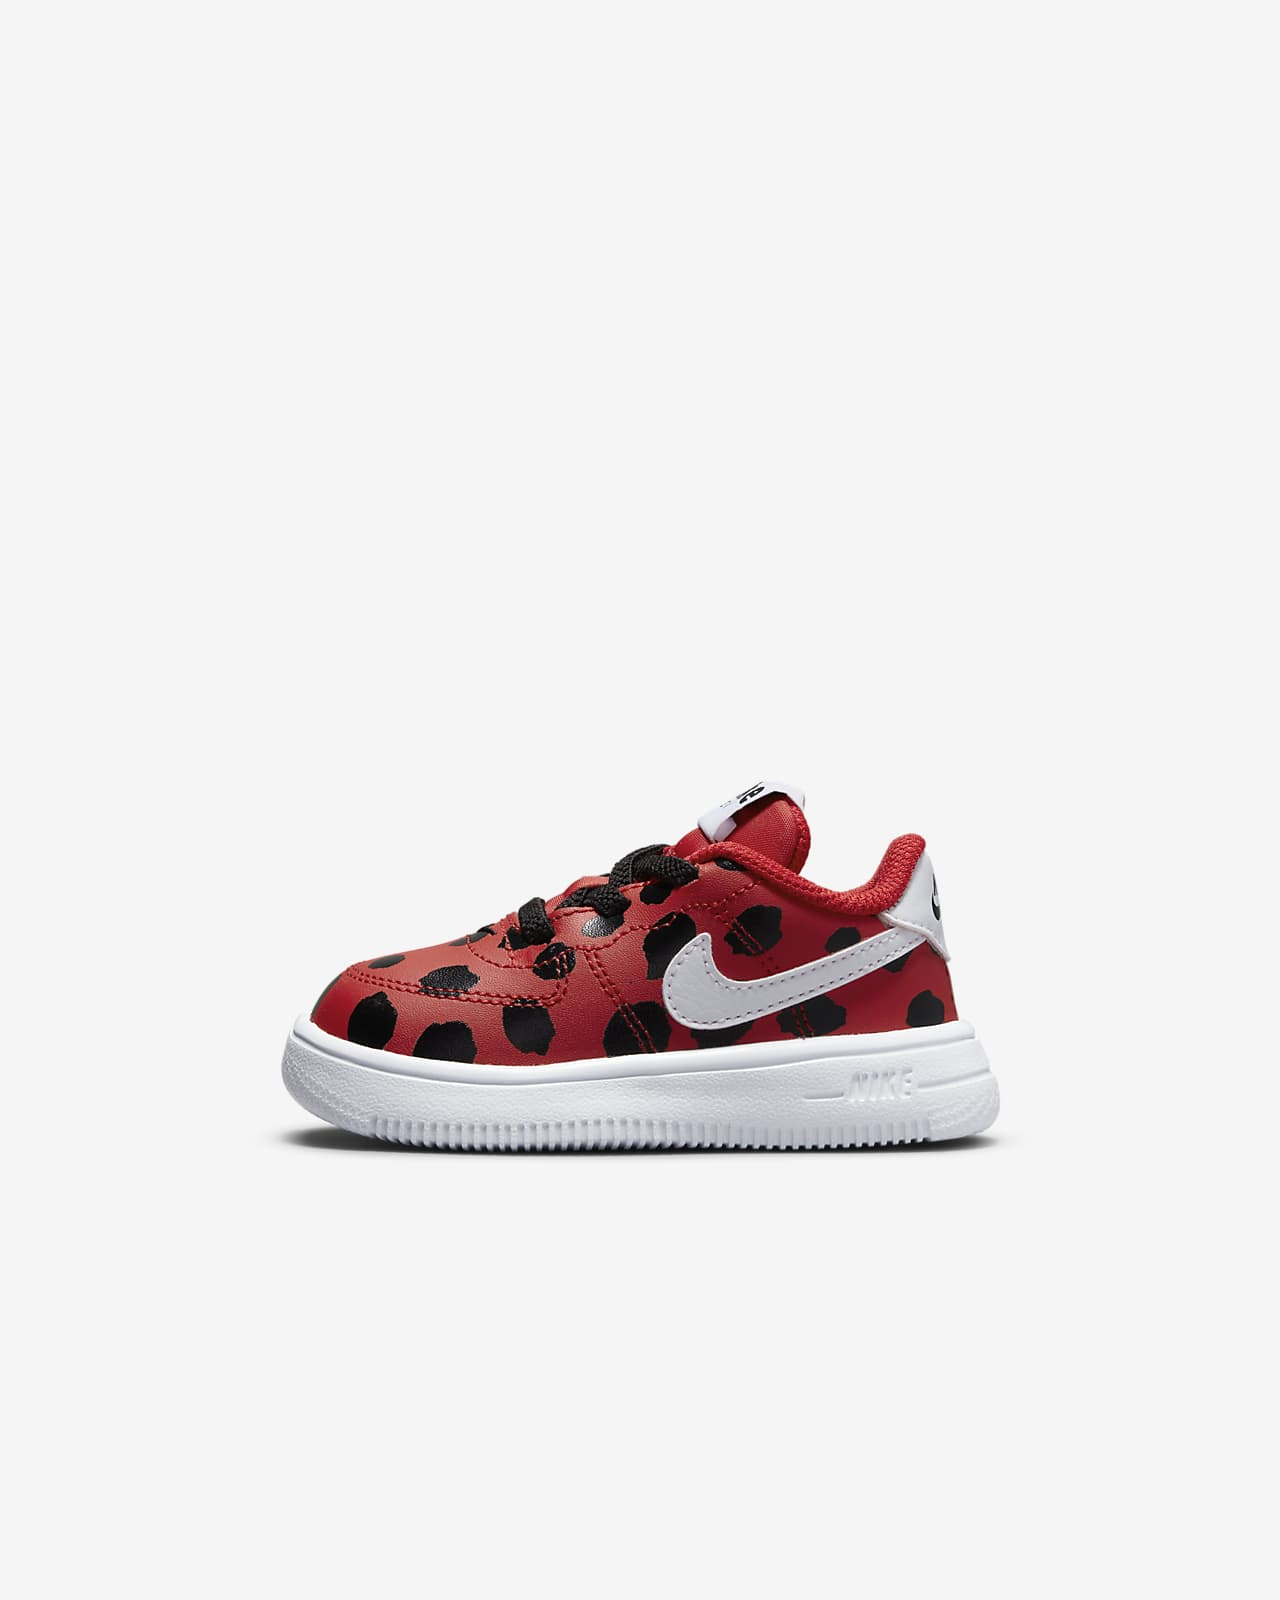 Chaussure Nike Force 1 '18 SE « Lil Bugs » pour Bébé et Petit enfant